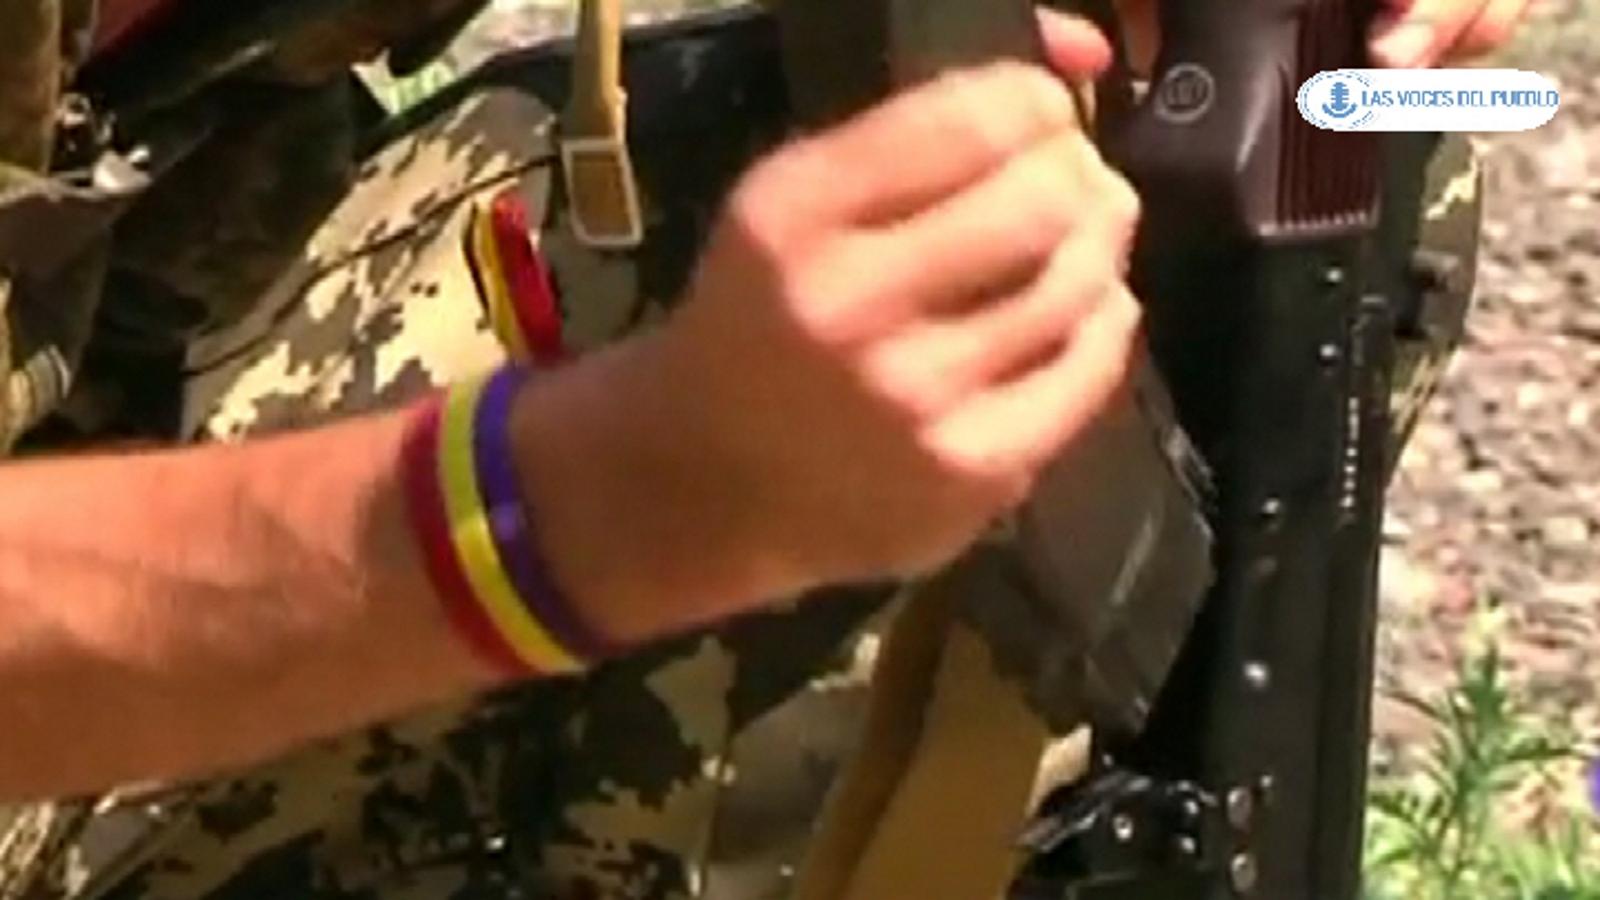 Dos españoles republicanos combatiendo con separatistas prorusos ucranianos contra el Gobierno de Kiev (11).Movie_Instantánea